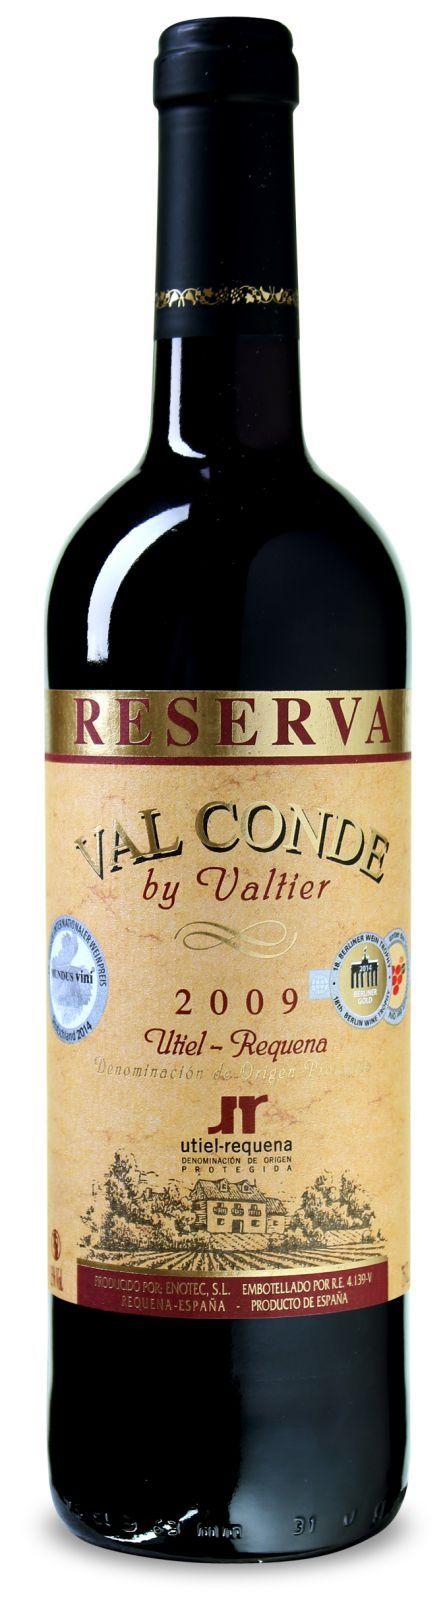 Der Val Conde by Valtier - Reserva, ein spanischer Rotwein. 24 Monate Reifung in Eichenfässern geben dem Wein seinen edlen Geschmack. ✓Tempranillo ✓Bobal